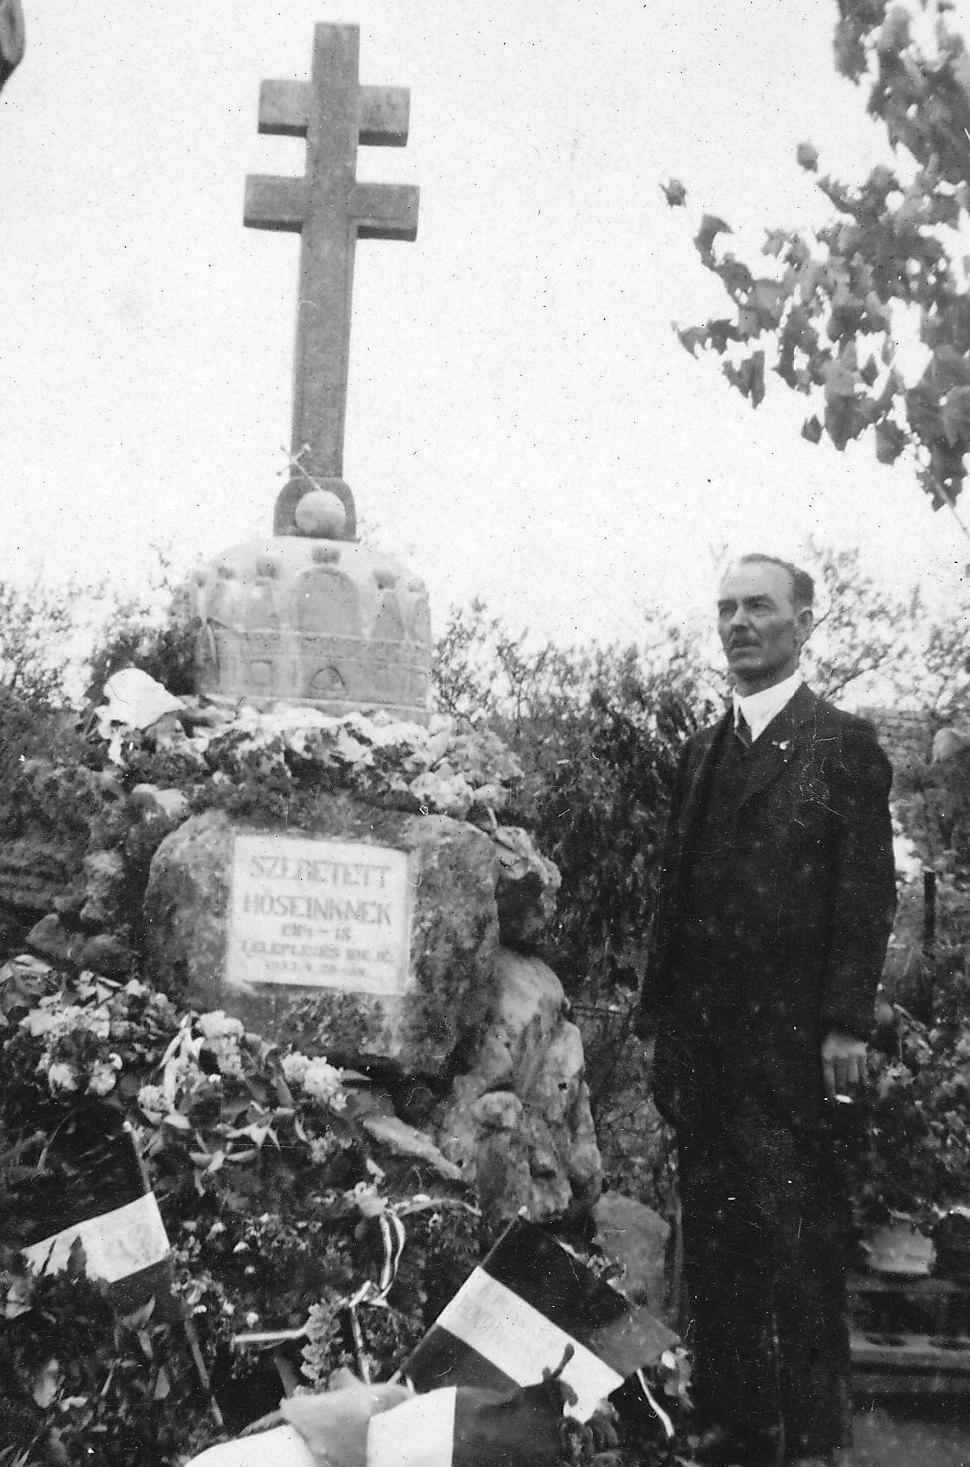 BarthaRobert-Pilisszentkereszt-1934-2.jpg